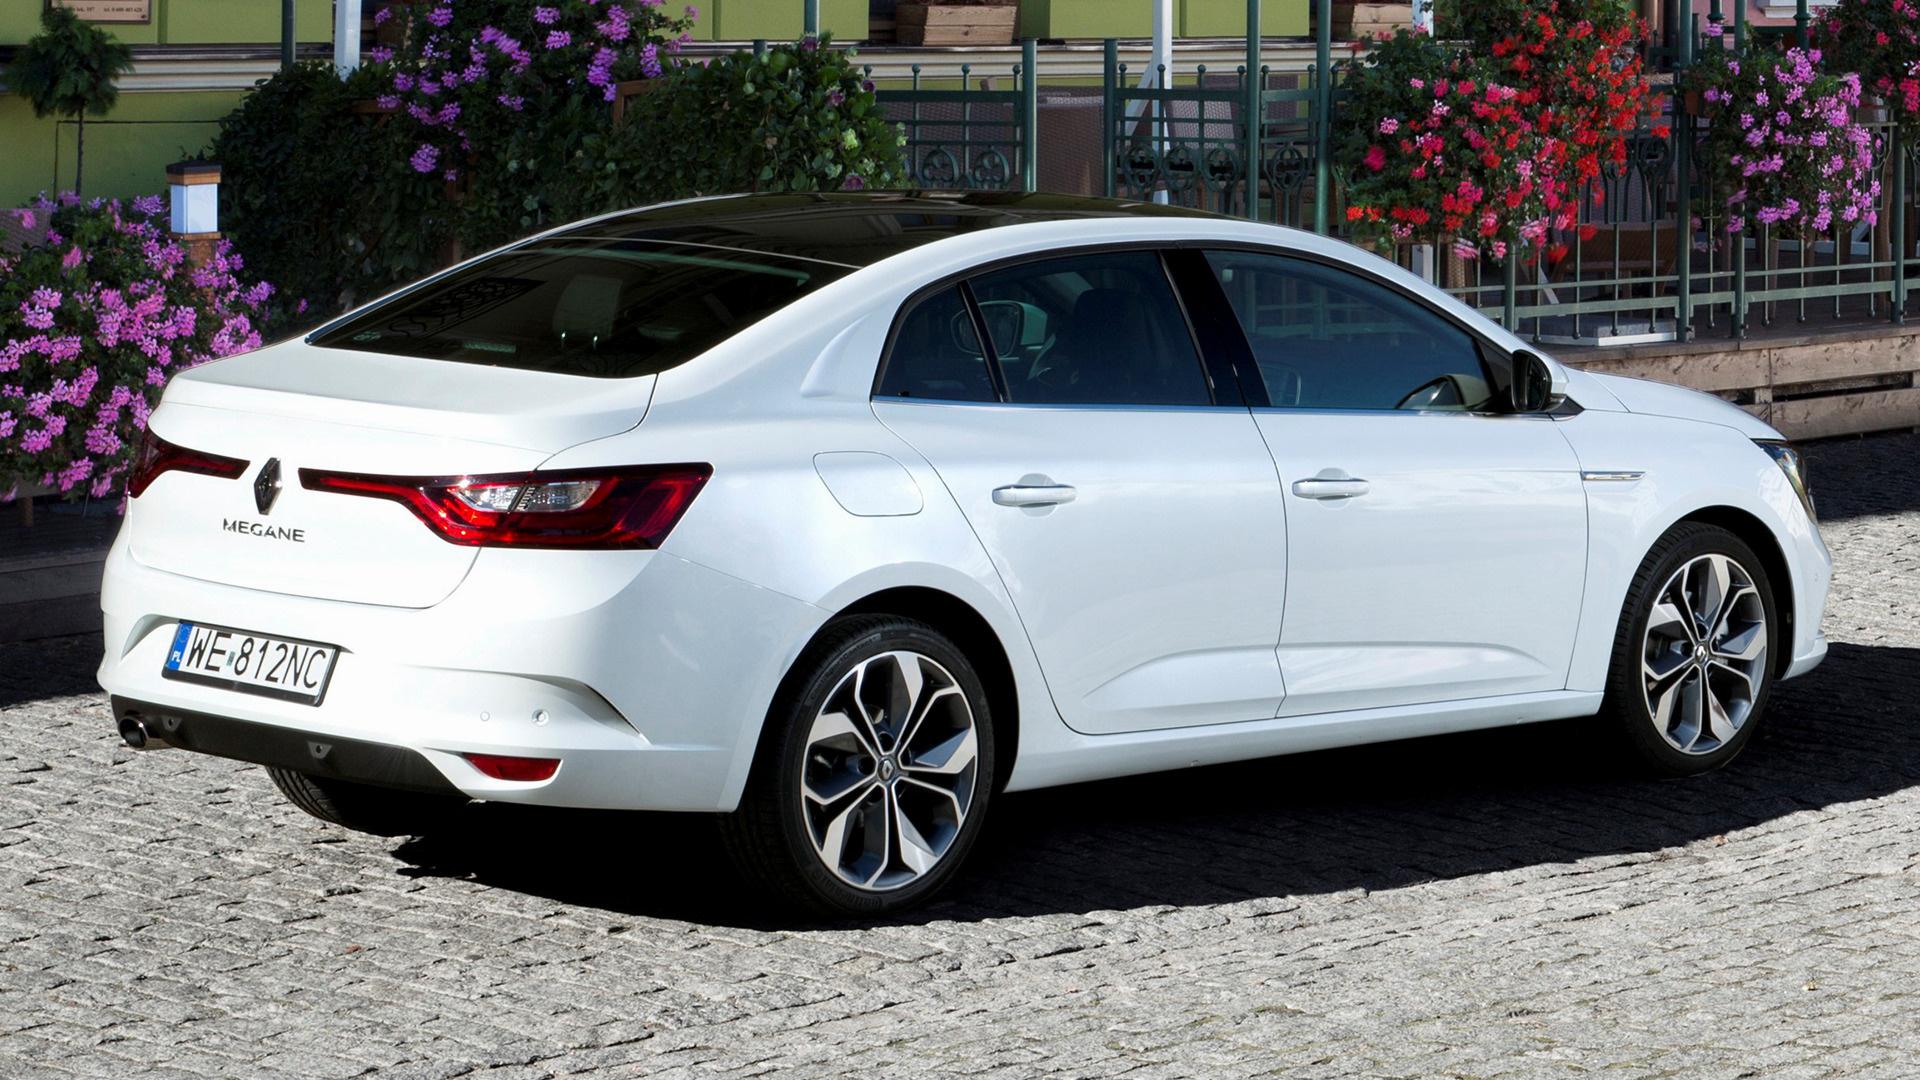 Renault Megane Sedan (2016) Wallpapers and HD Images